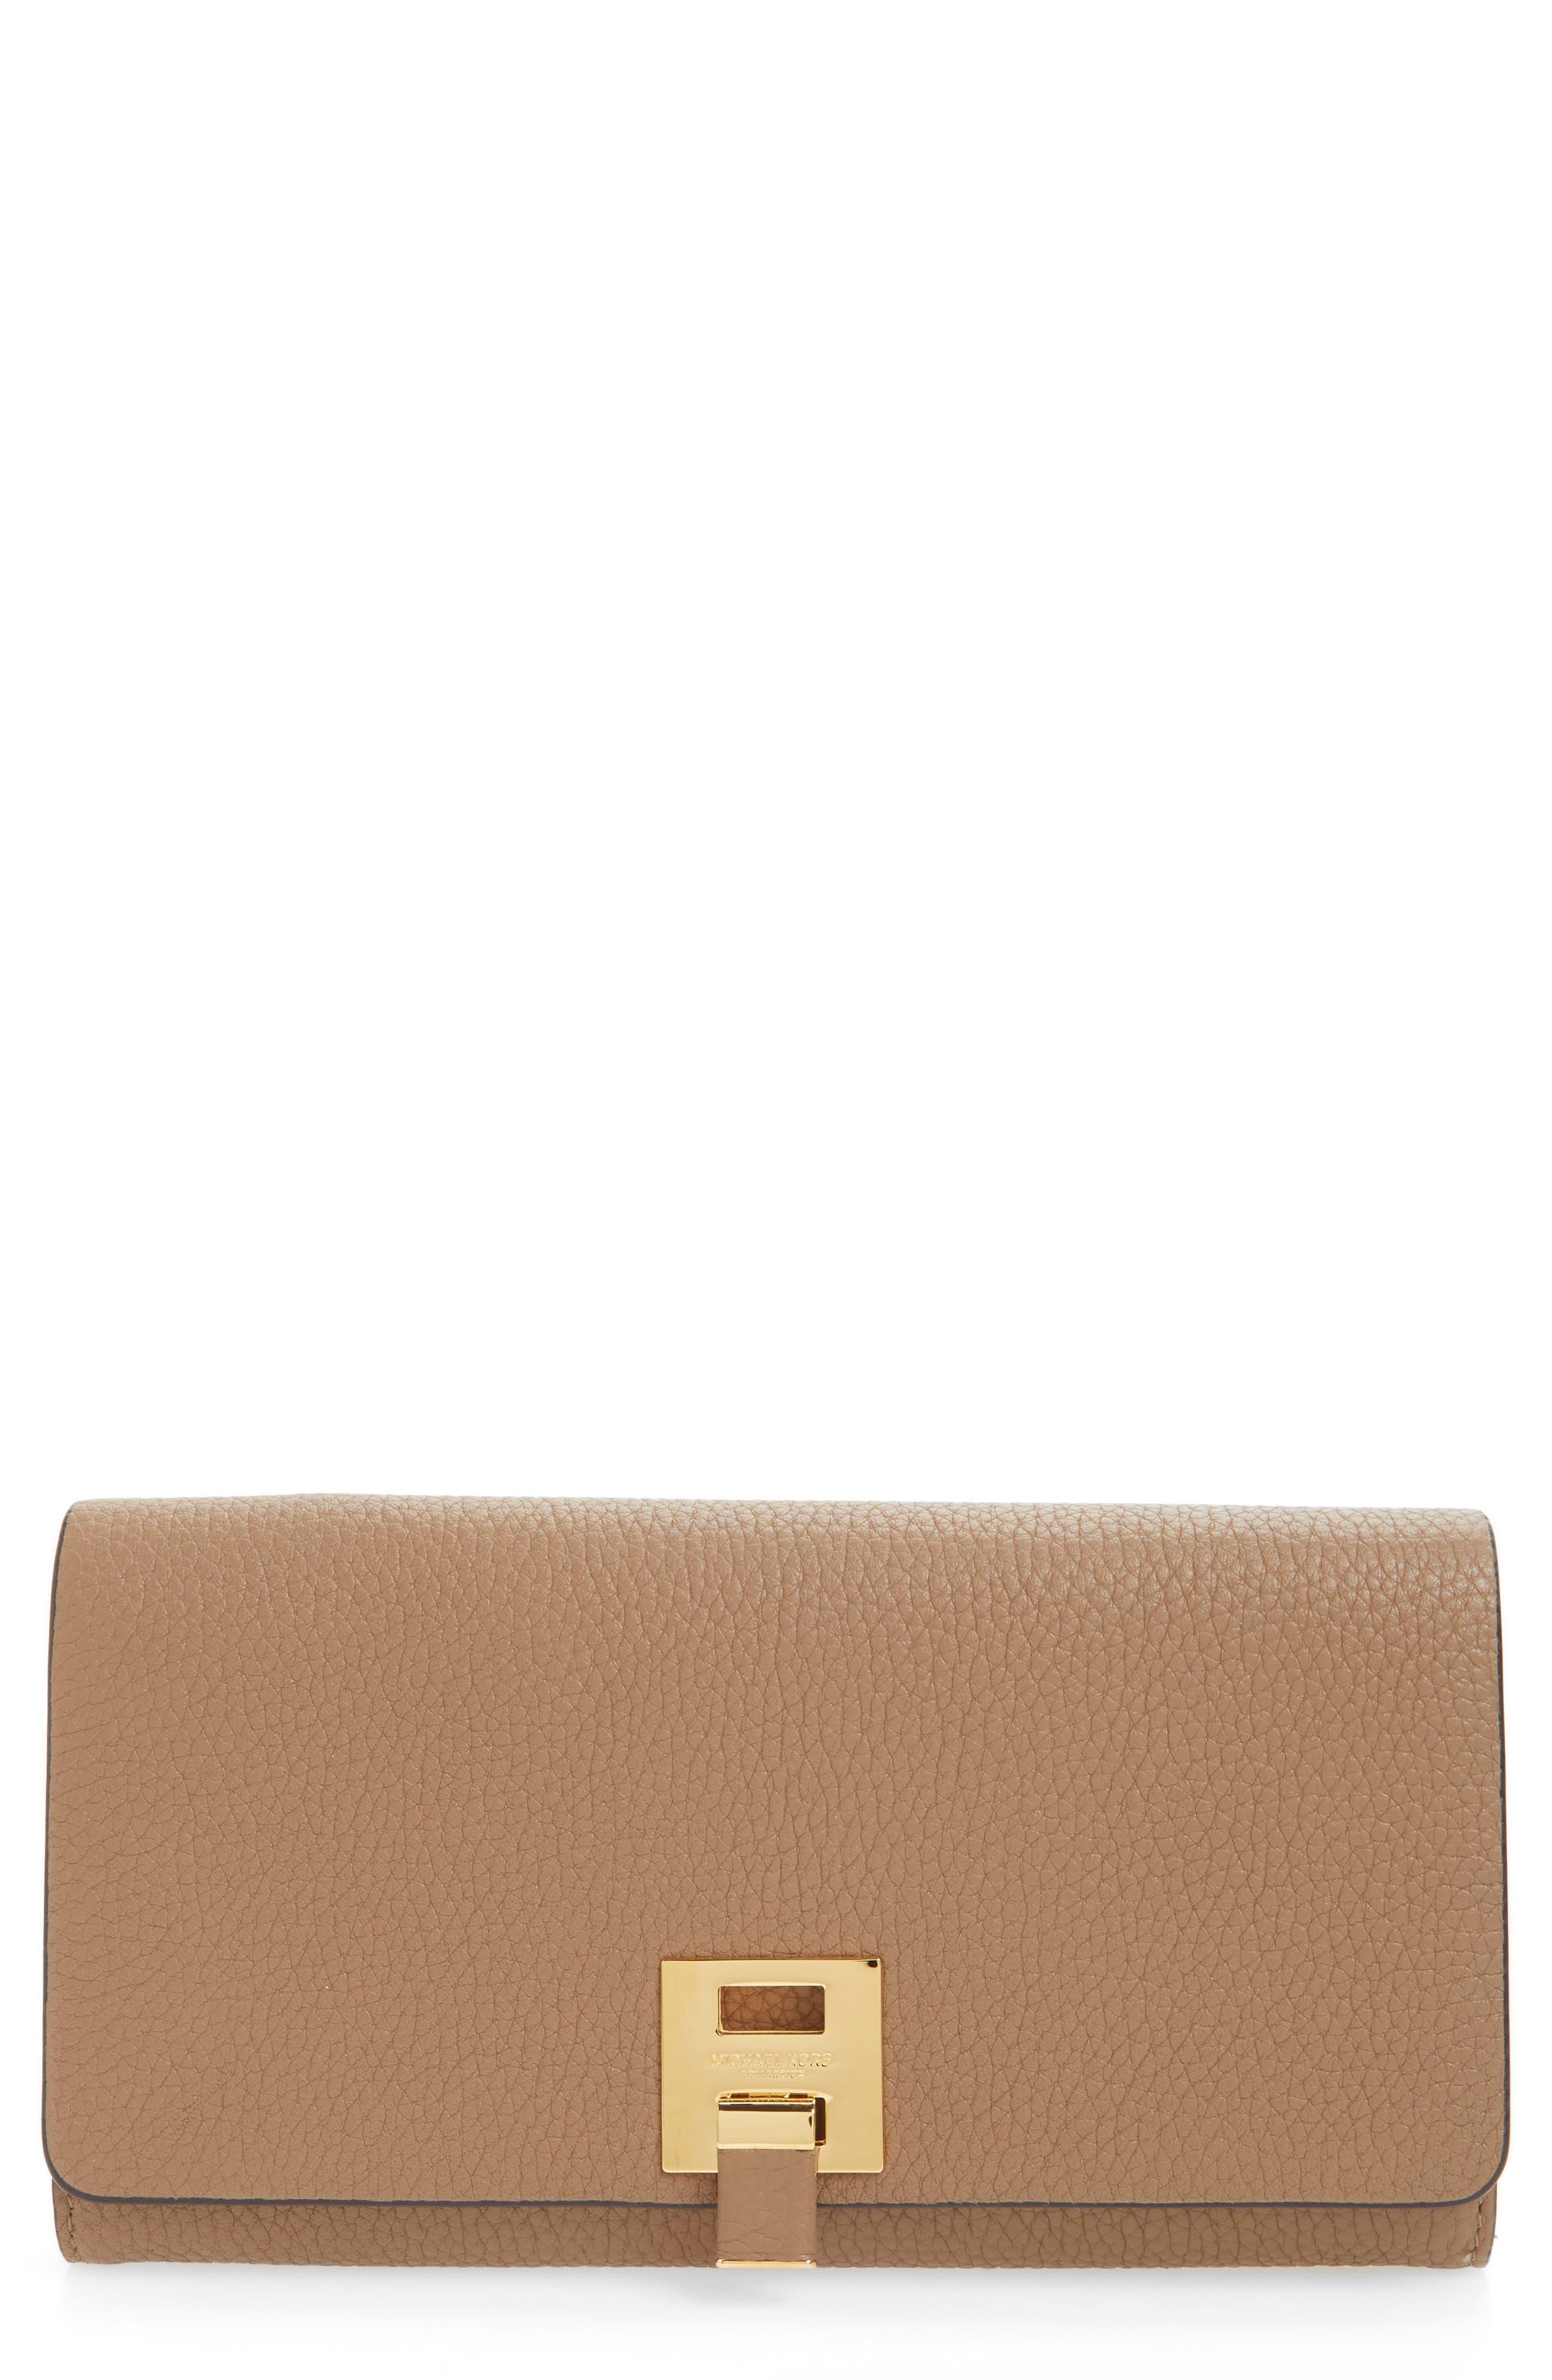 9fbda63e9f2e Buy michael kors mini wallet   OFF64% Discounted